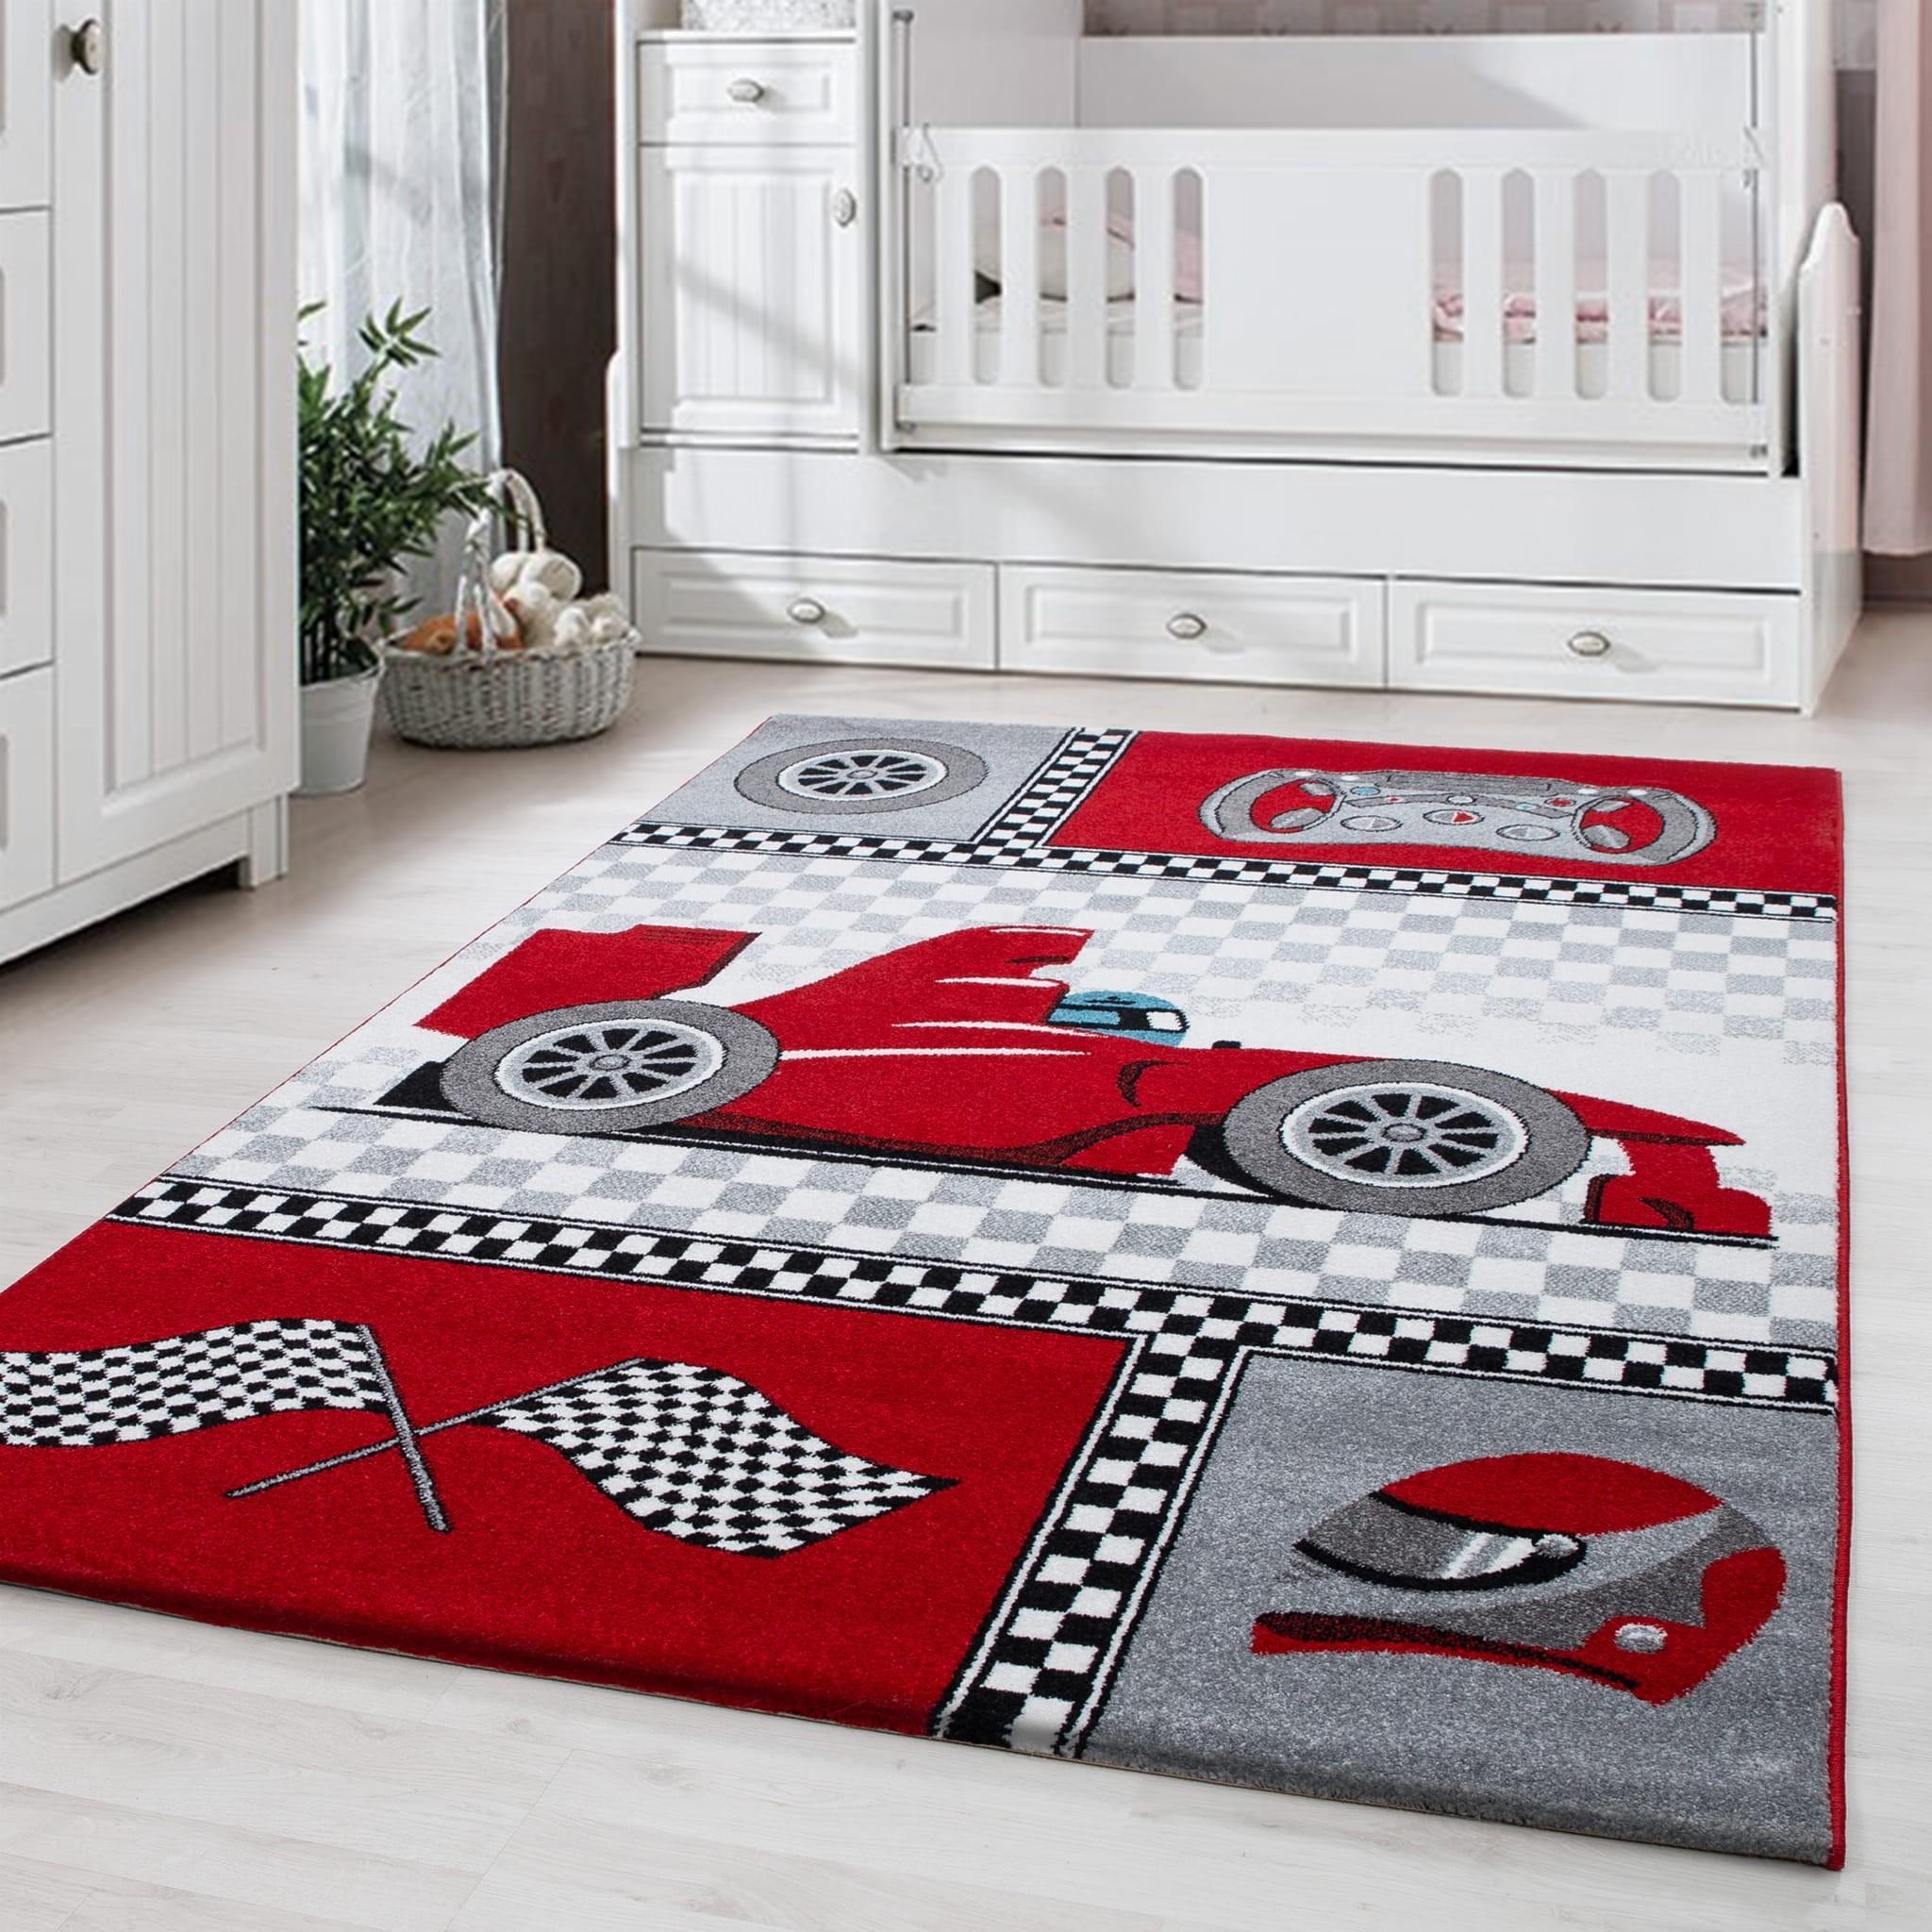 DomTextilu Červený koberec do chlapčenskej izby formula 42006-197354